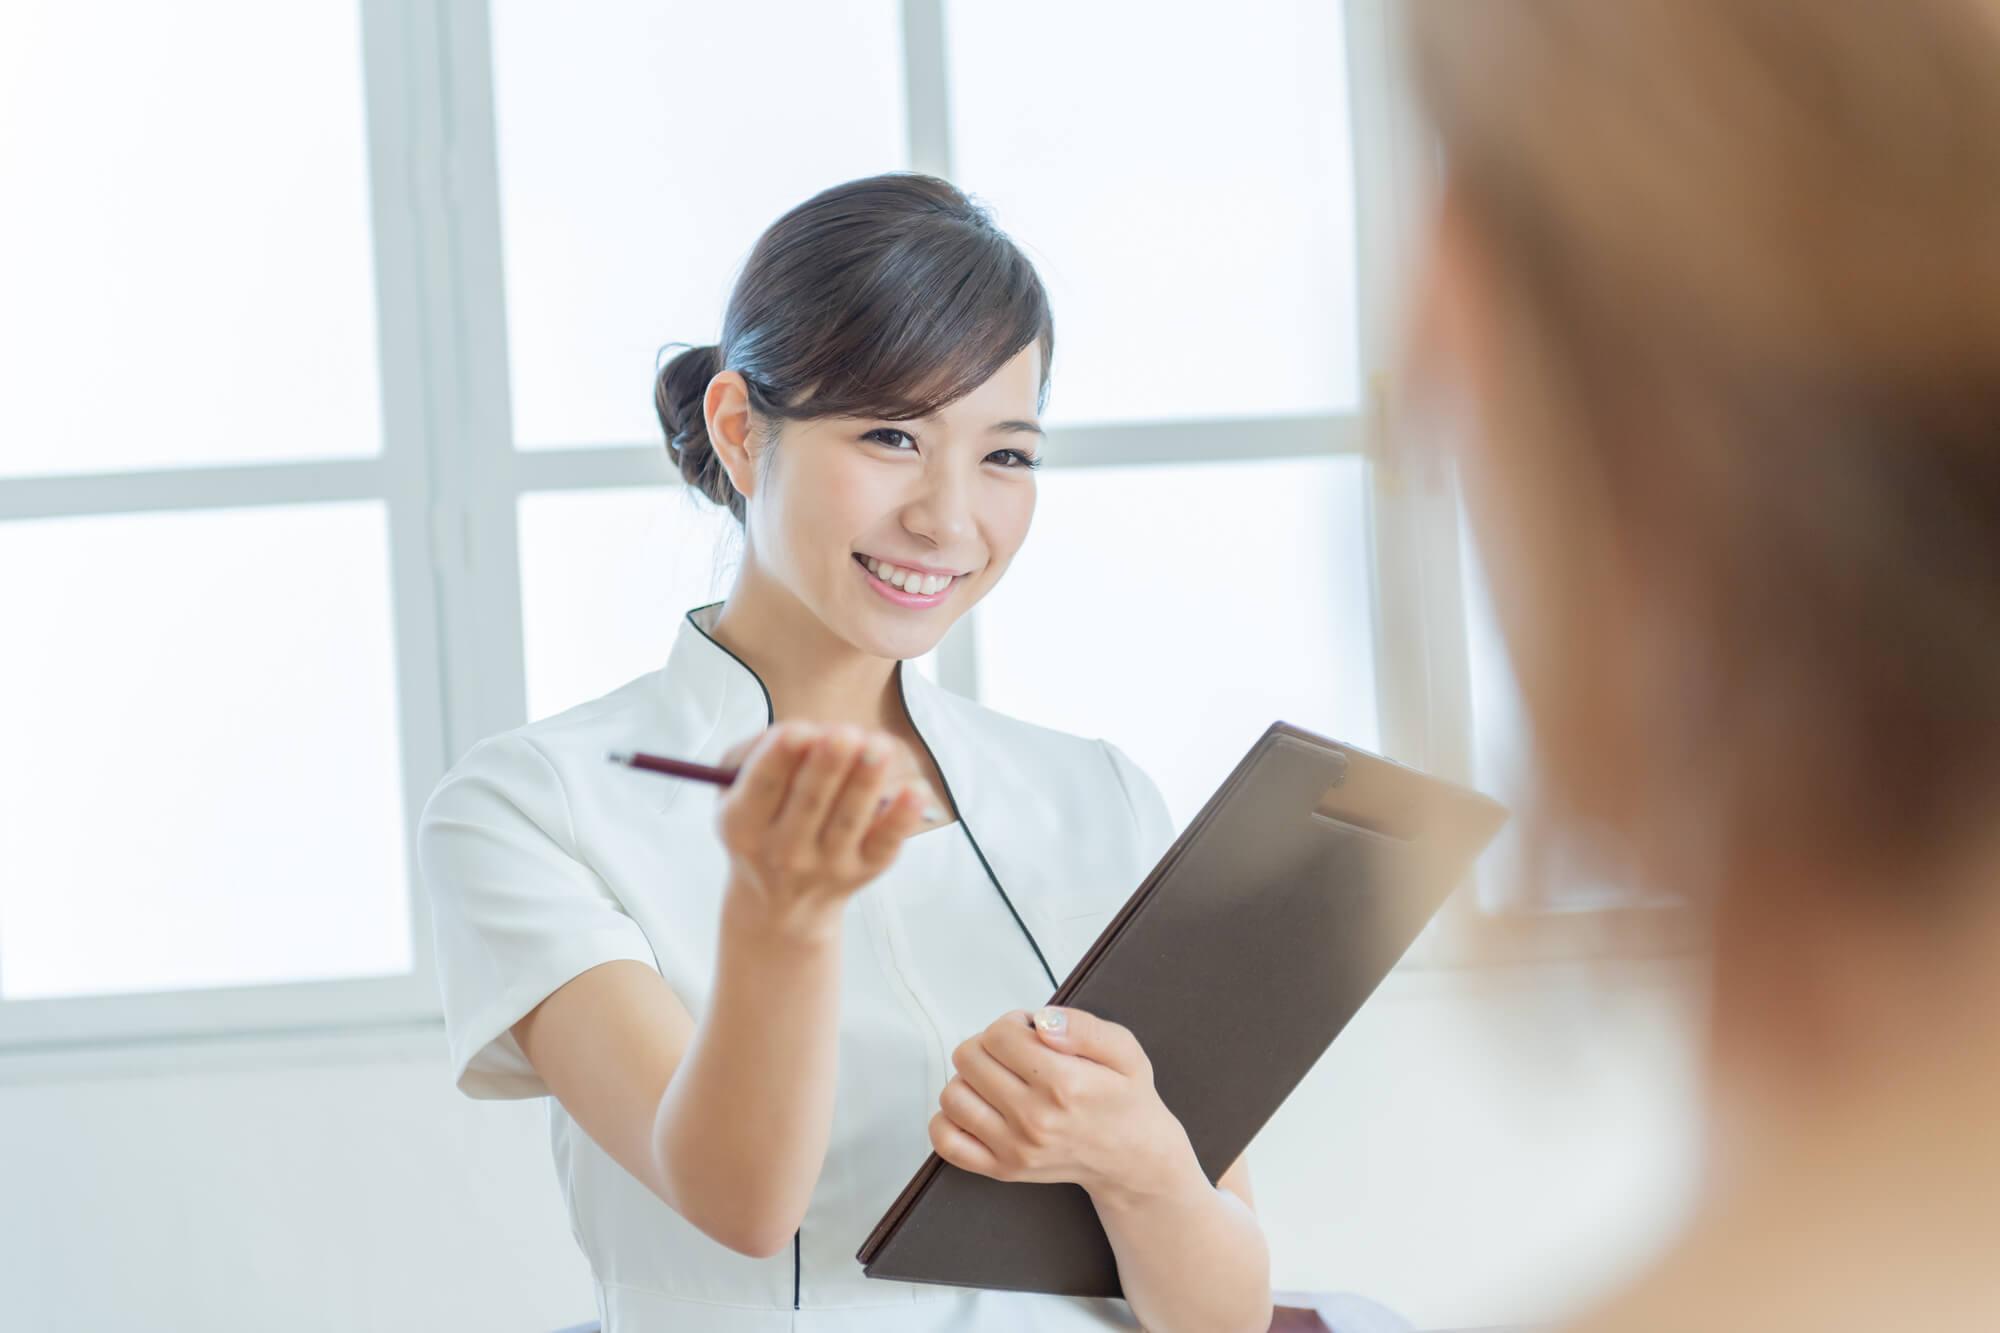 女性クライアントから相談を受ける女性カウンセラー